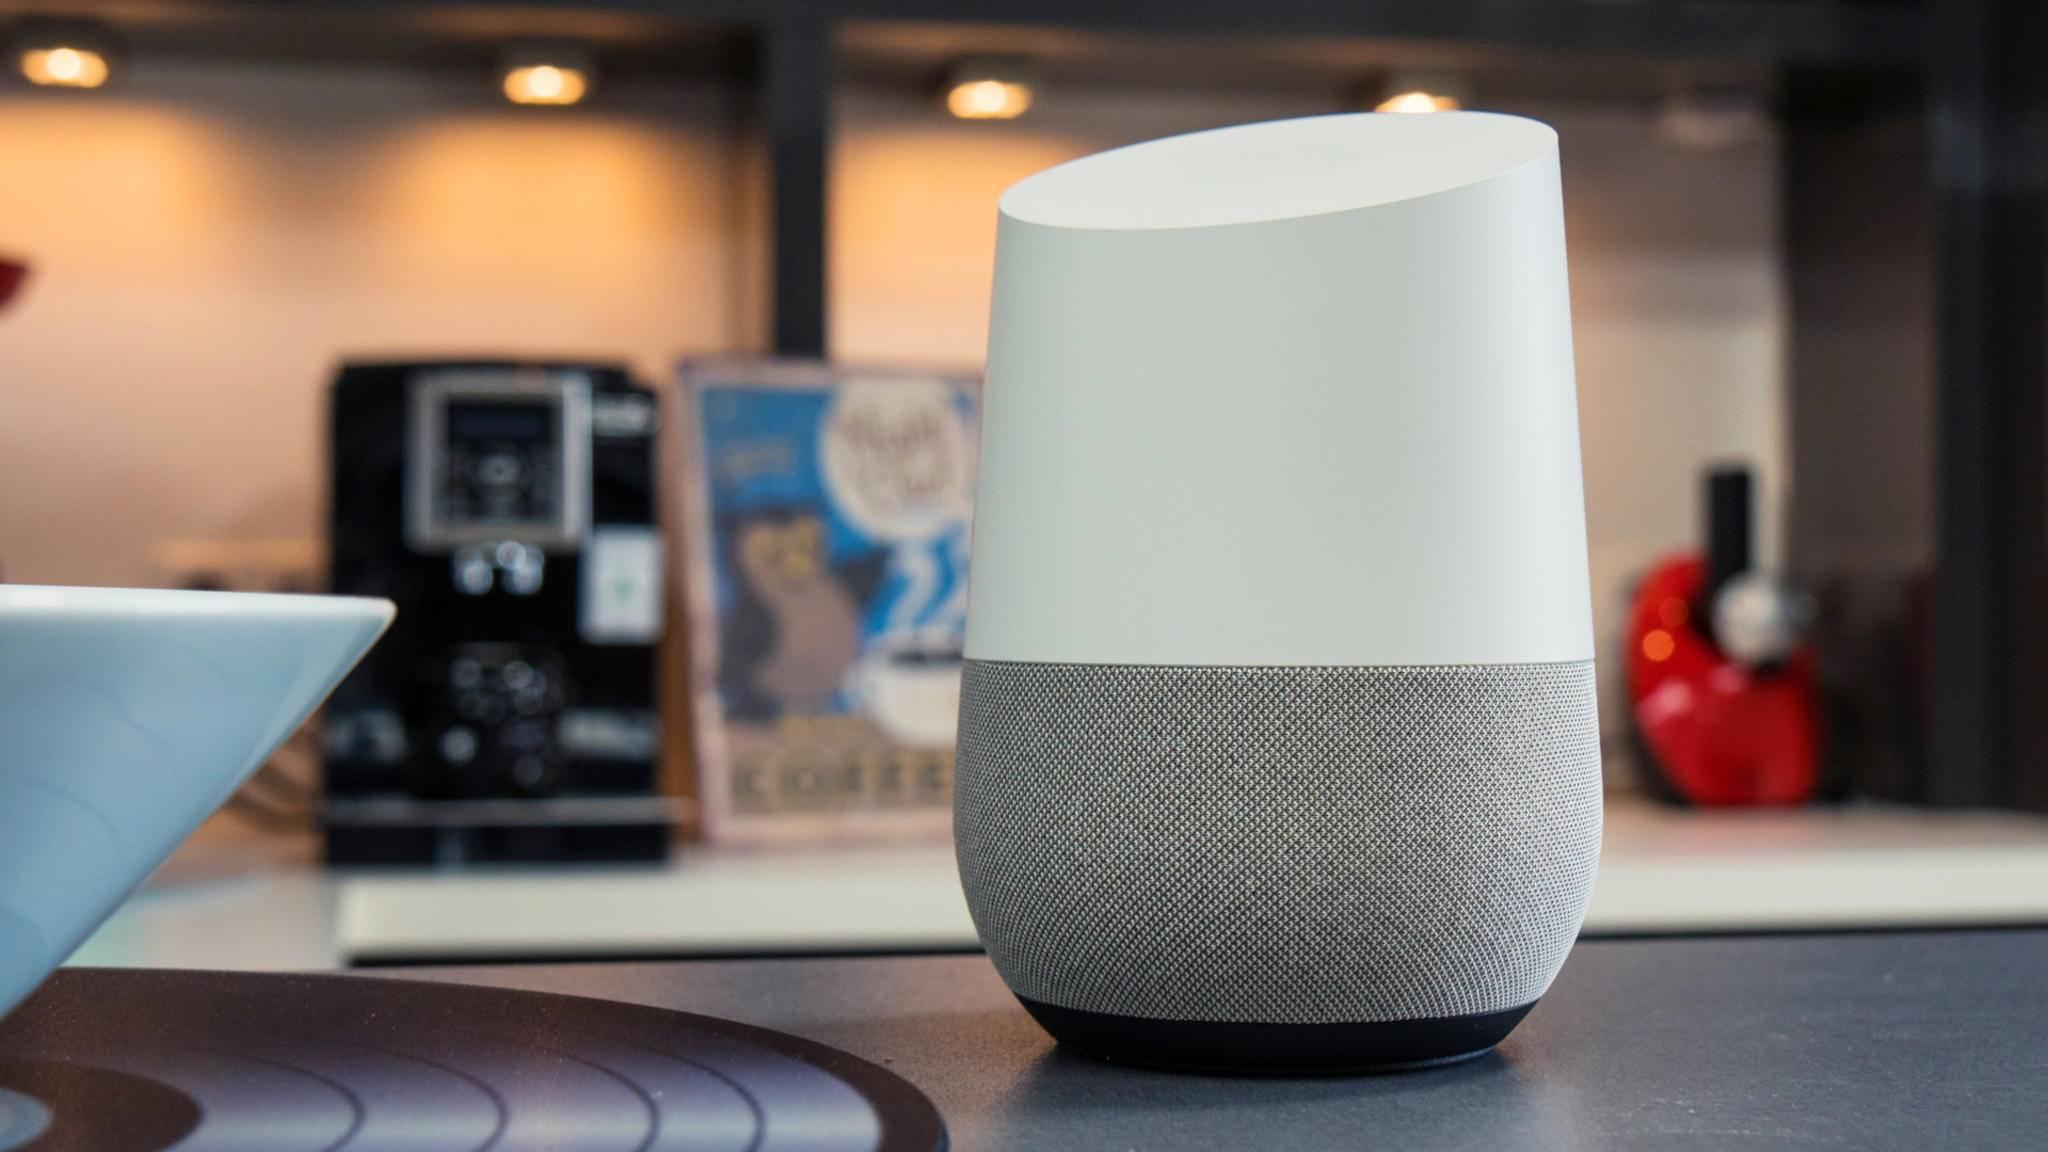 Zahlreiche Google-Home-Lautsprecher dürften an Weihnachten neue Besitzer gefunden haben.